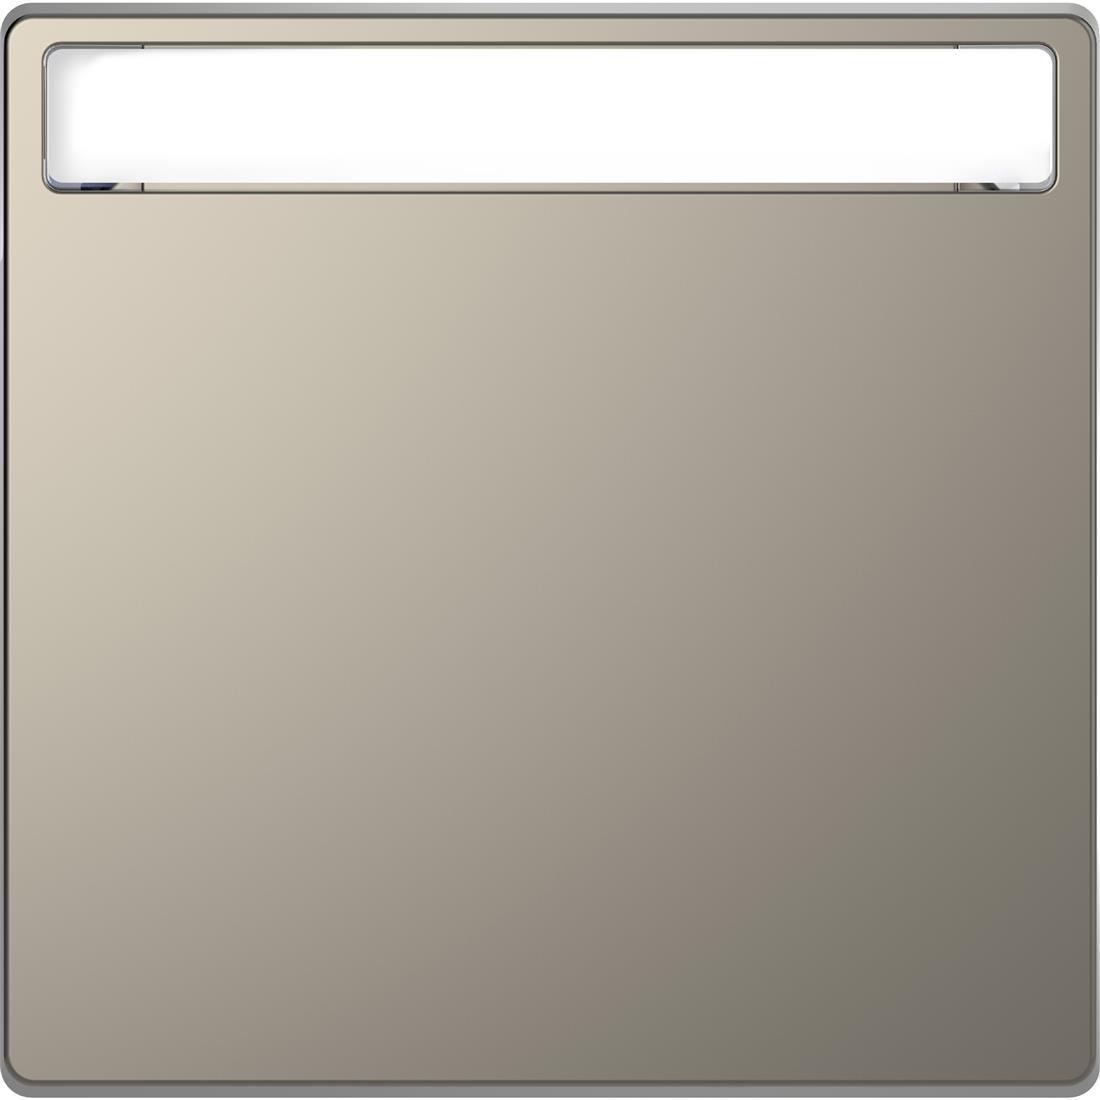 Schneider-Merten D Life wisselwip met controlevenster - nikkel metallic (MTN3360-6050)